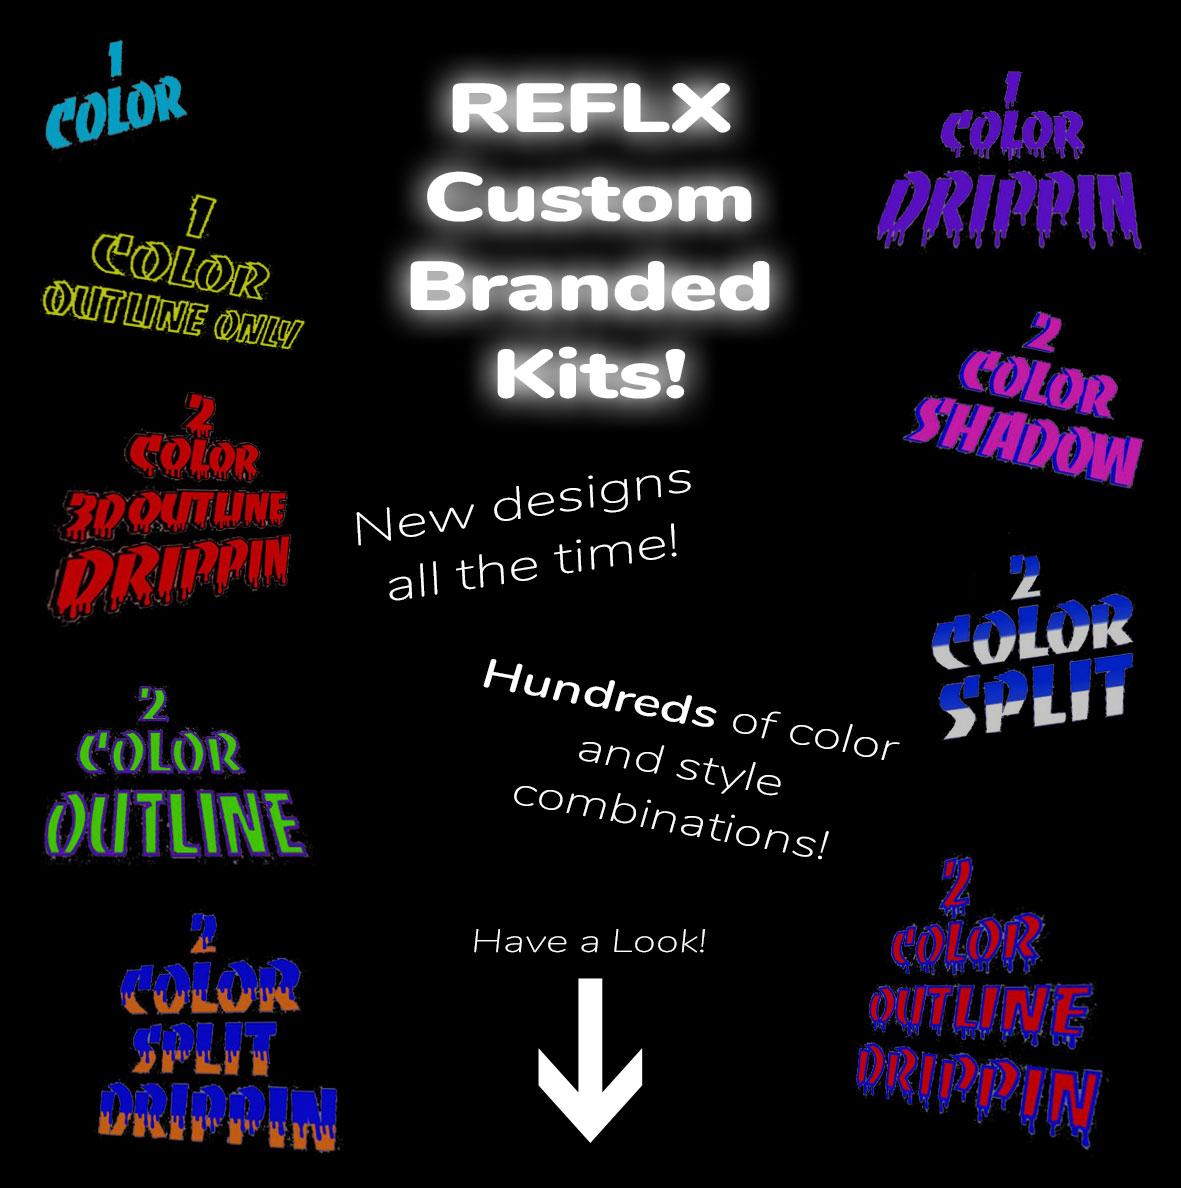 Reflective decal kits www reflx ca